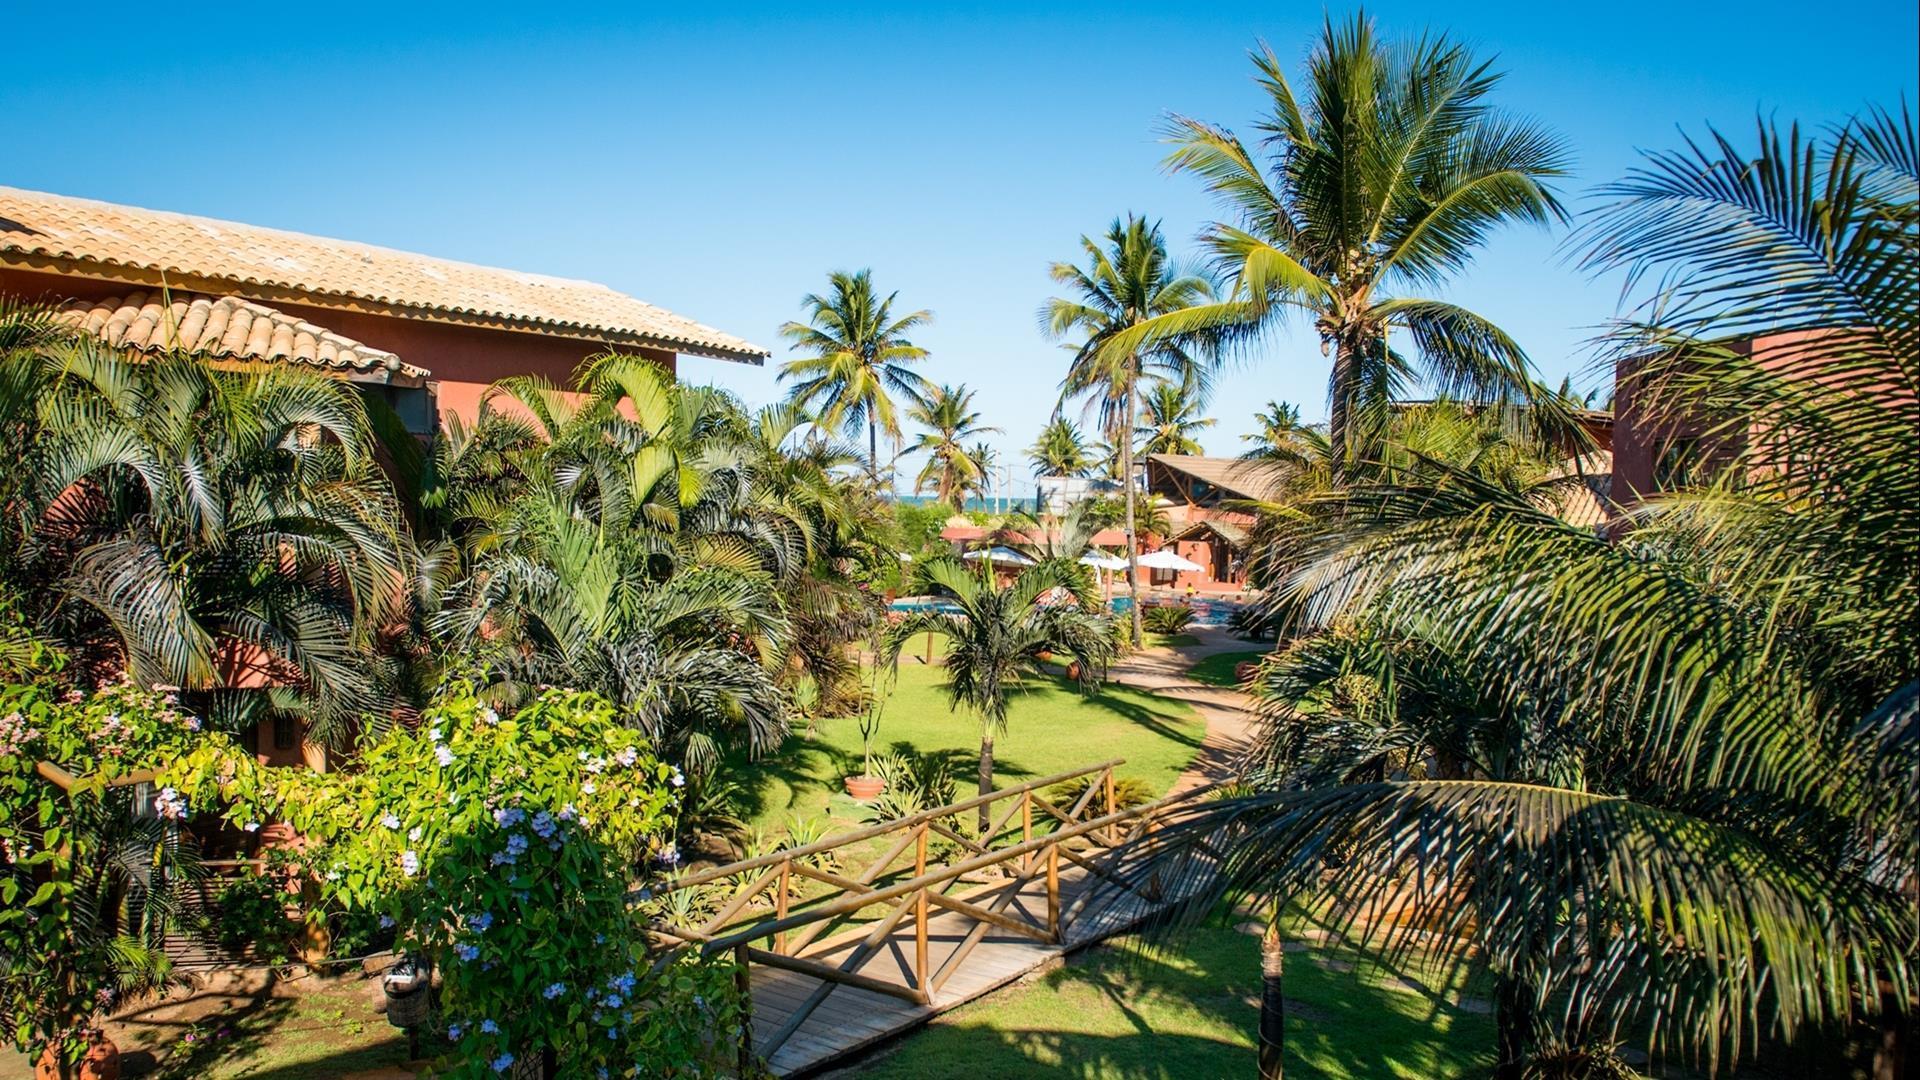 Brasilien Aracaju: Superior Hotel - Hotel Aruana Eco Praia